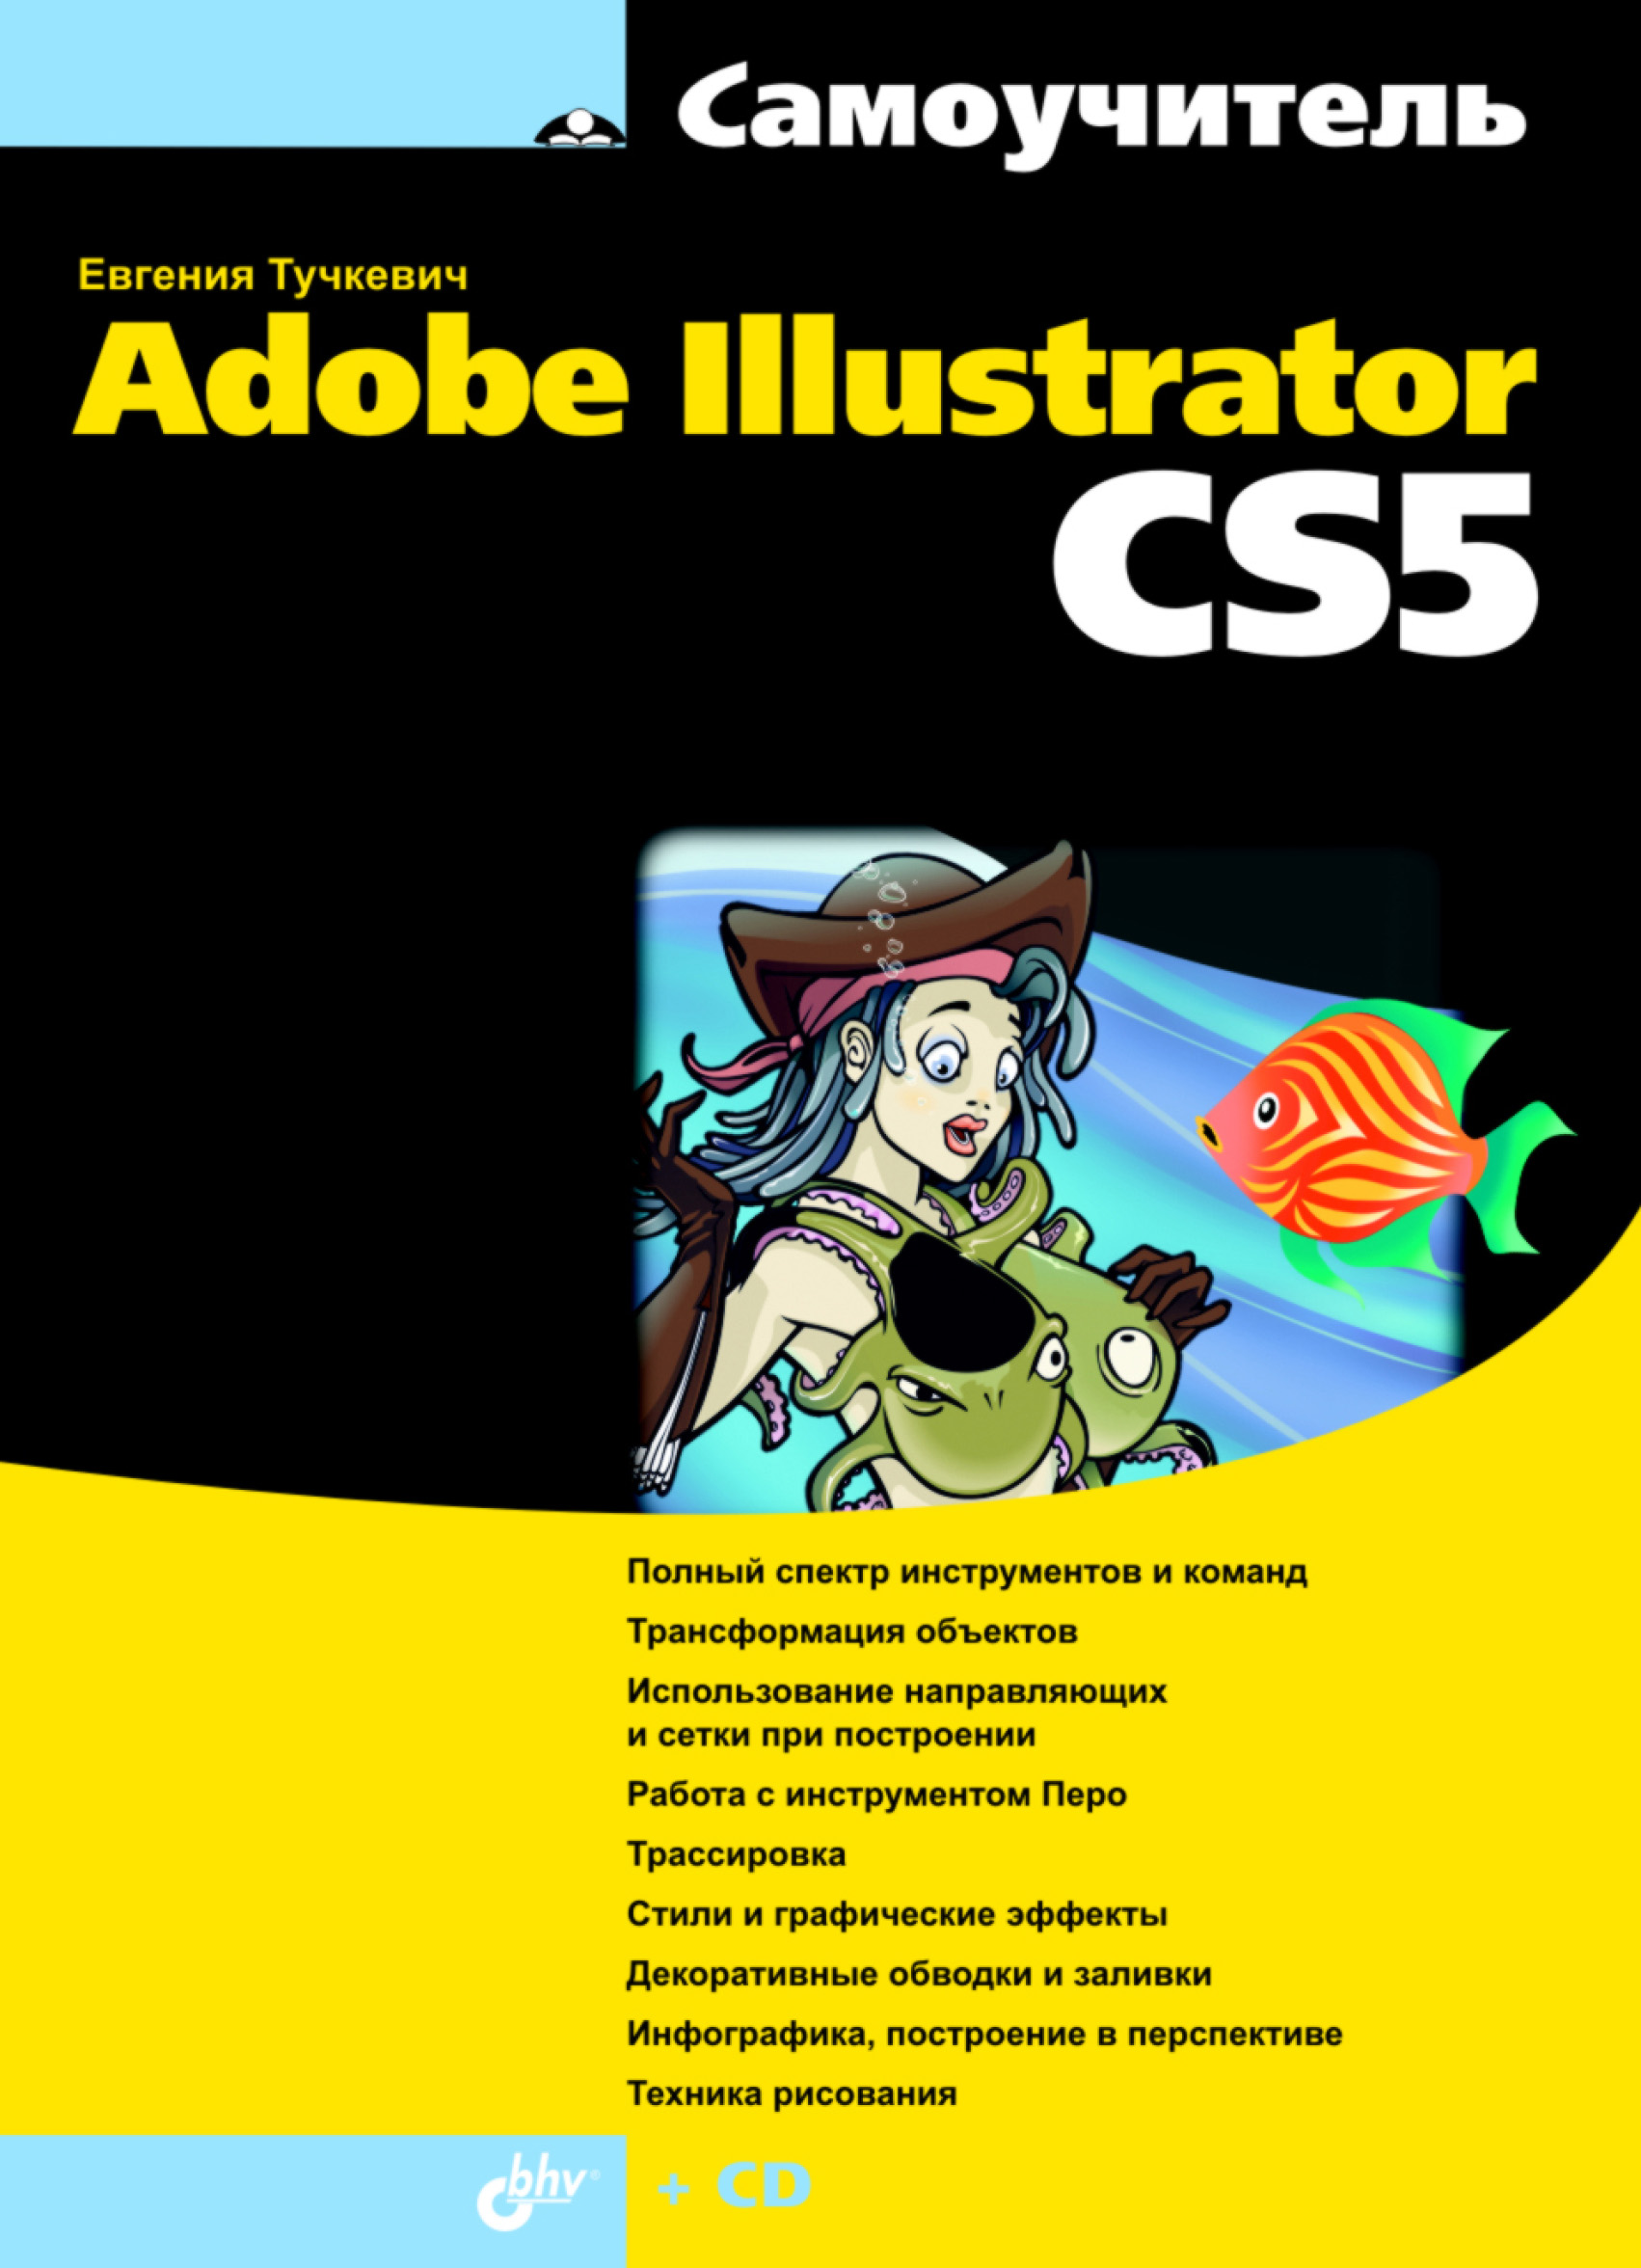 Евгения Тучкевич Самоучитель Adobe Illustrator CS5 д макклелланд adobe illustrator cs5 практическое руководство